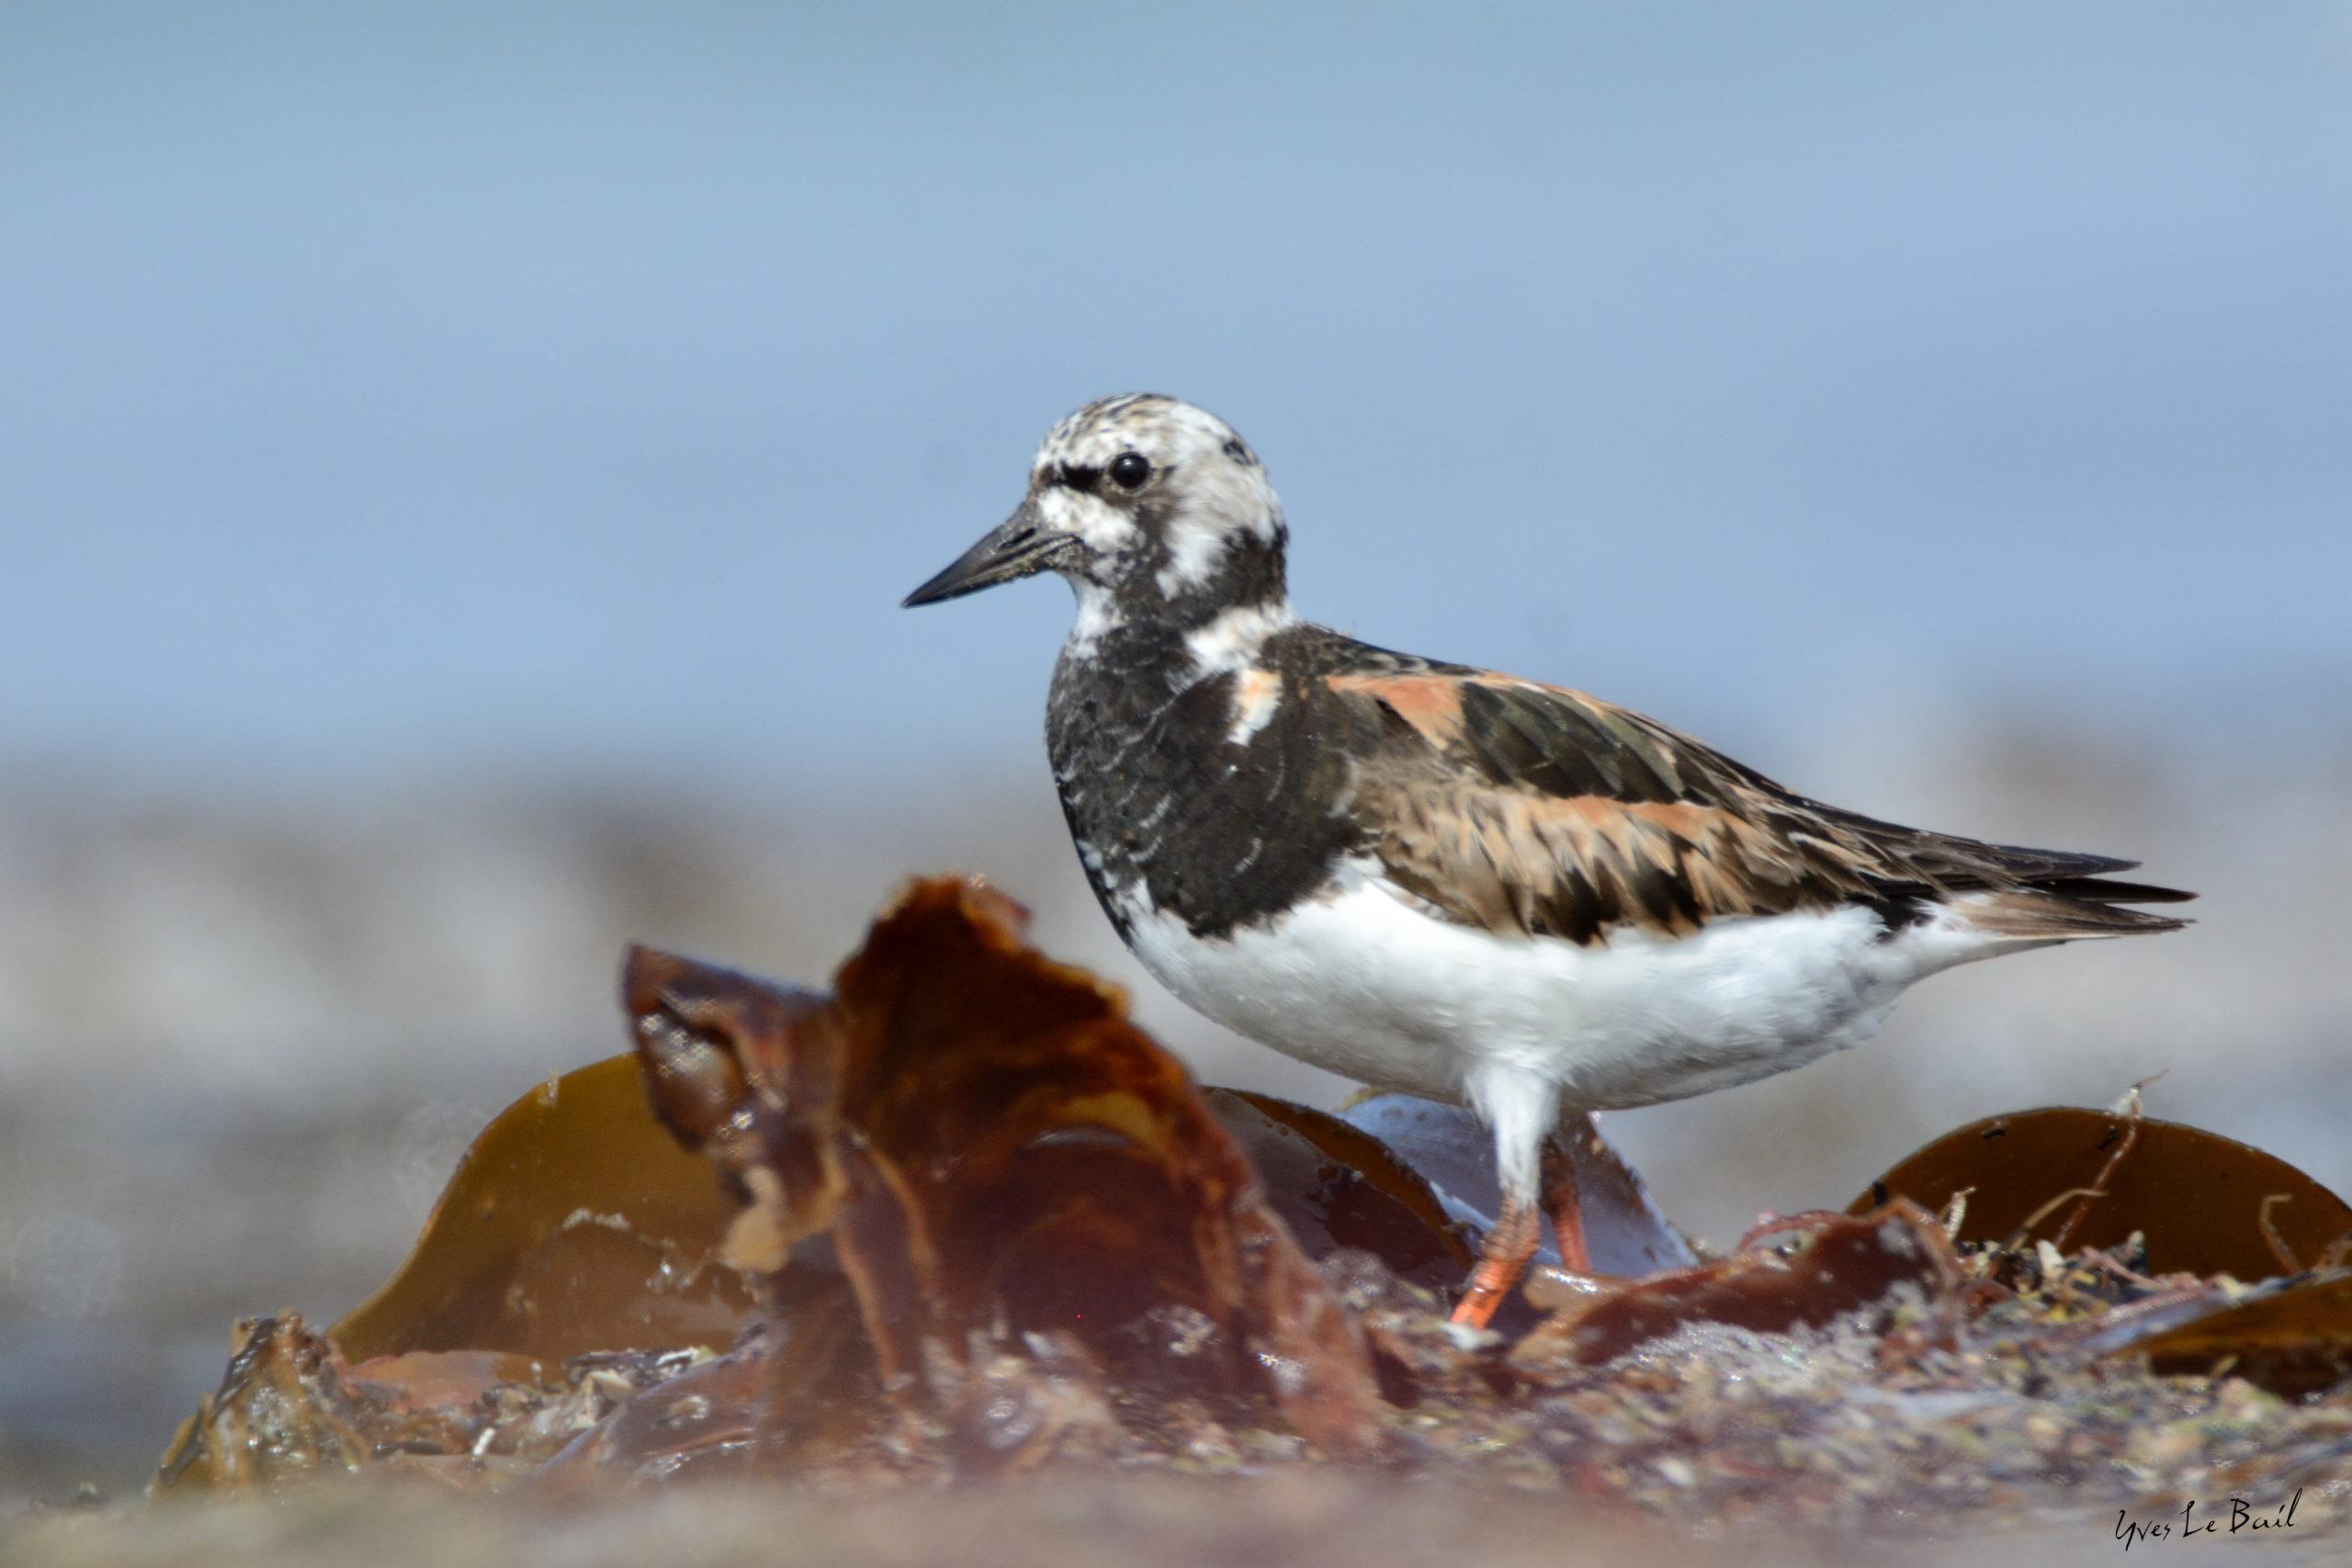 rencontres ornithologiques bretonnes que dire site de rencontre